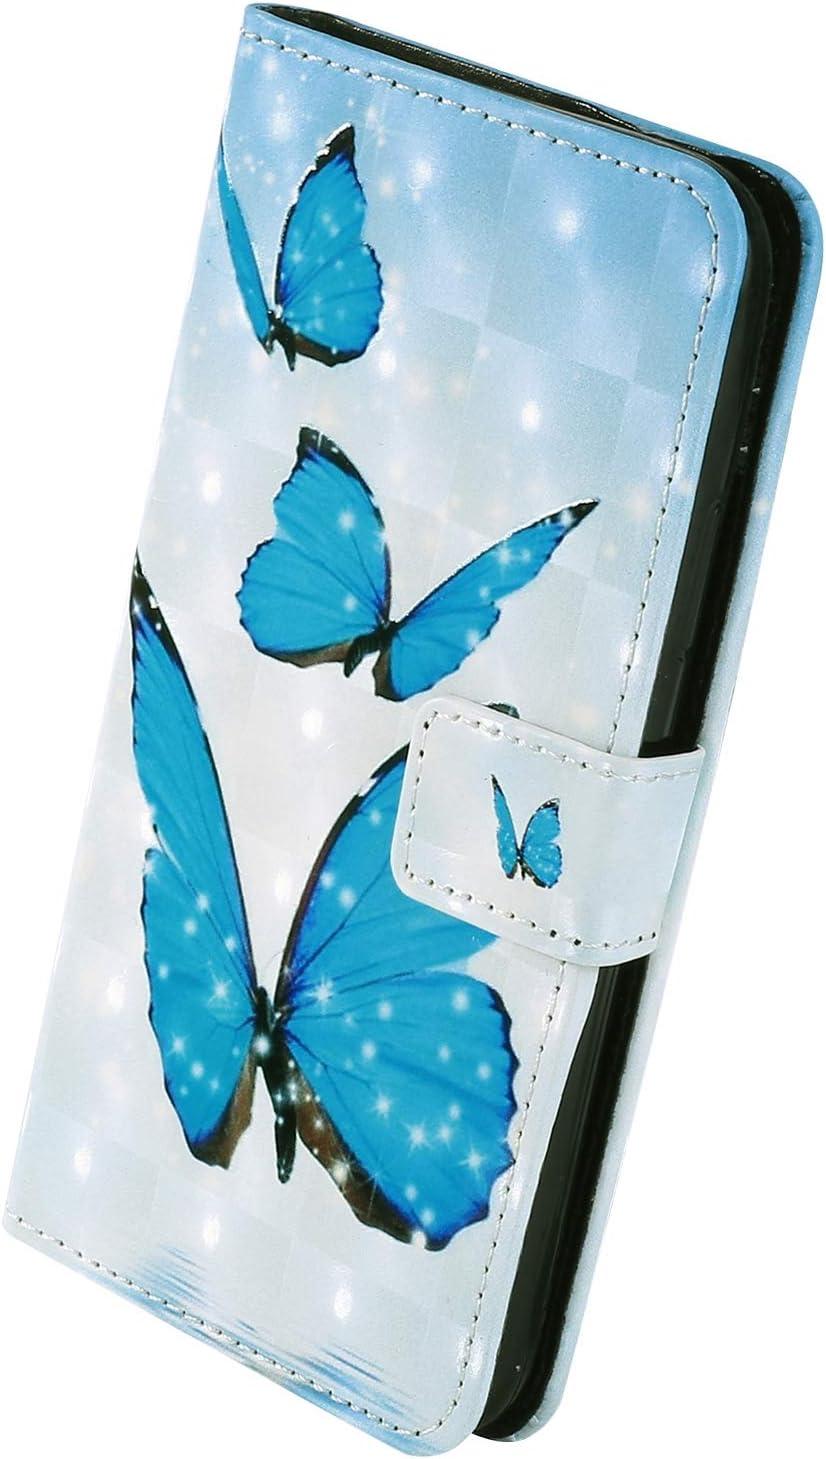 Herbests Kompatibel mit iPhone 11 Handyh/ülle H/ülle Glitzer Gl/änzend Bling Ledertasche Schutzh/ülle M/ädchen M/änner Flip Wallet Cover St/änder Brieftasche H/ülle,Schwarz Rose Blumen